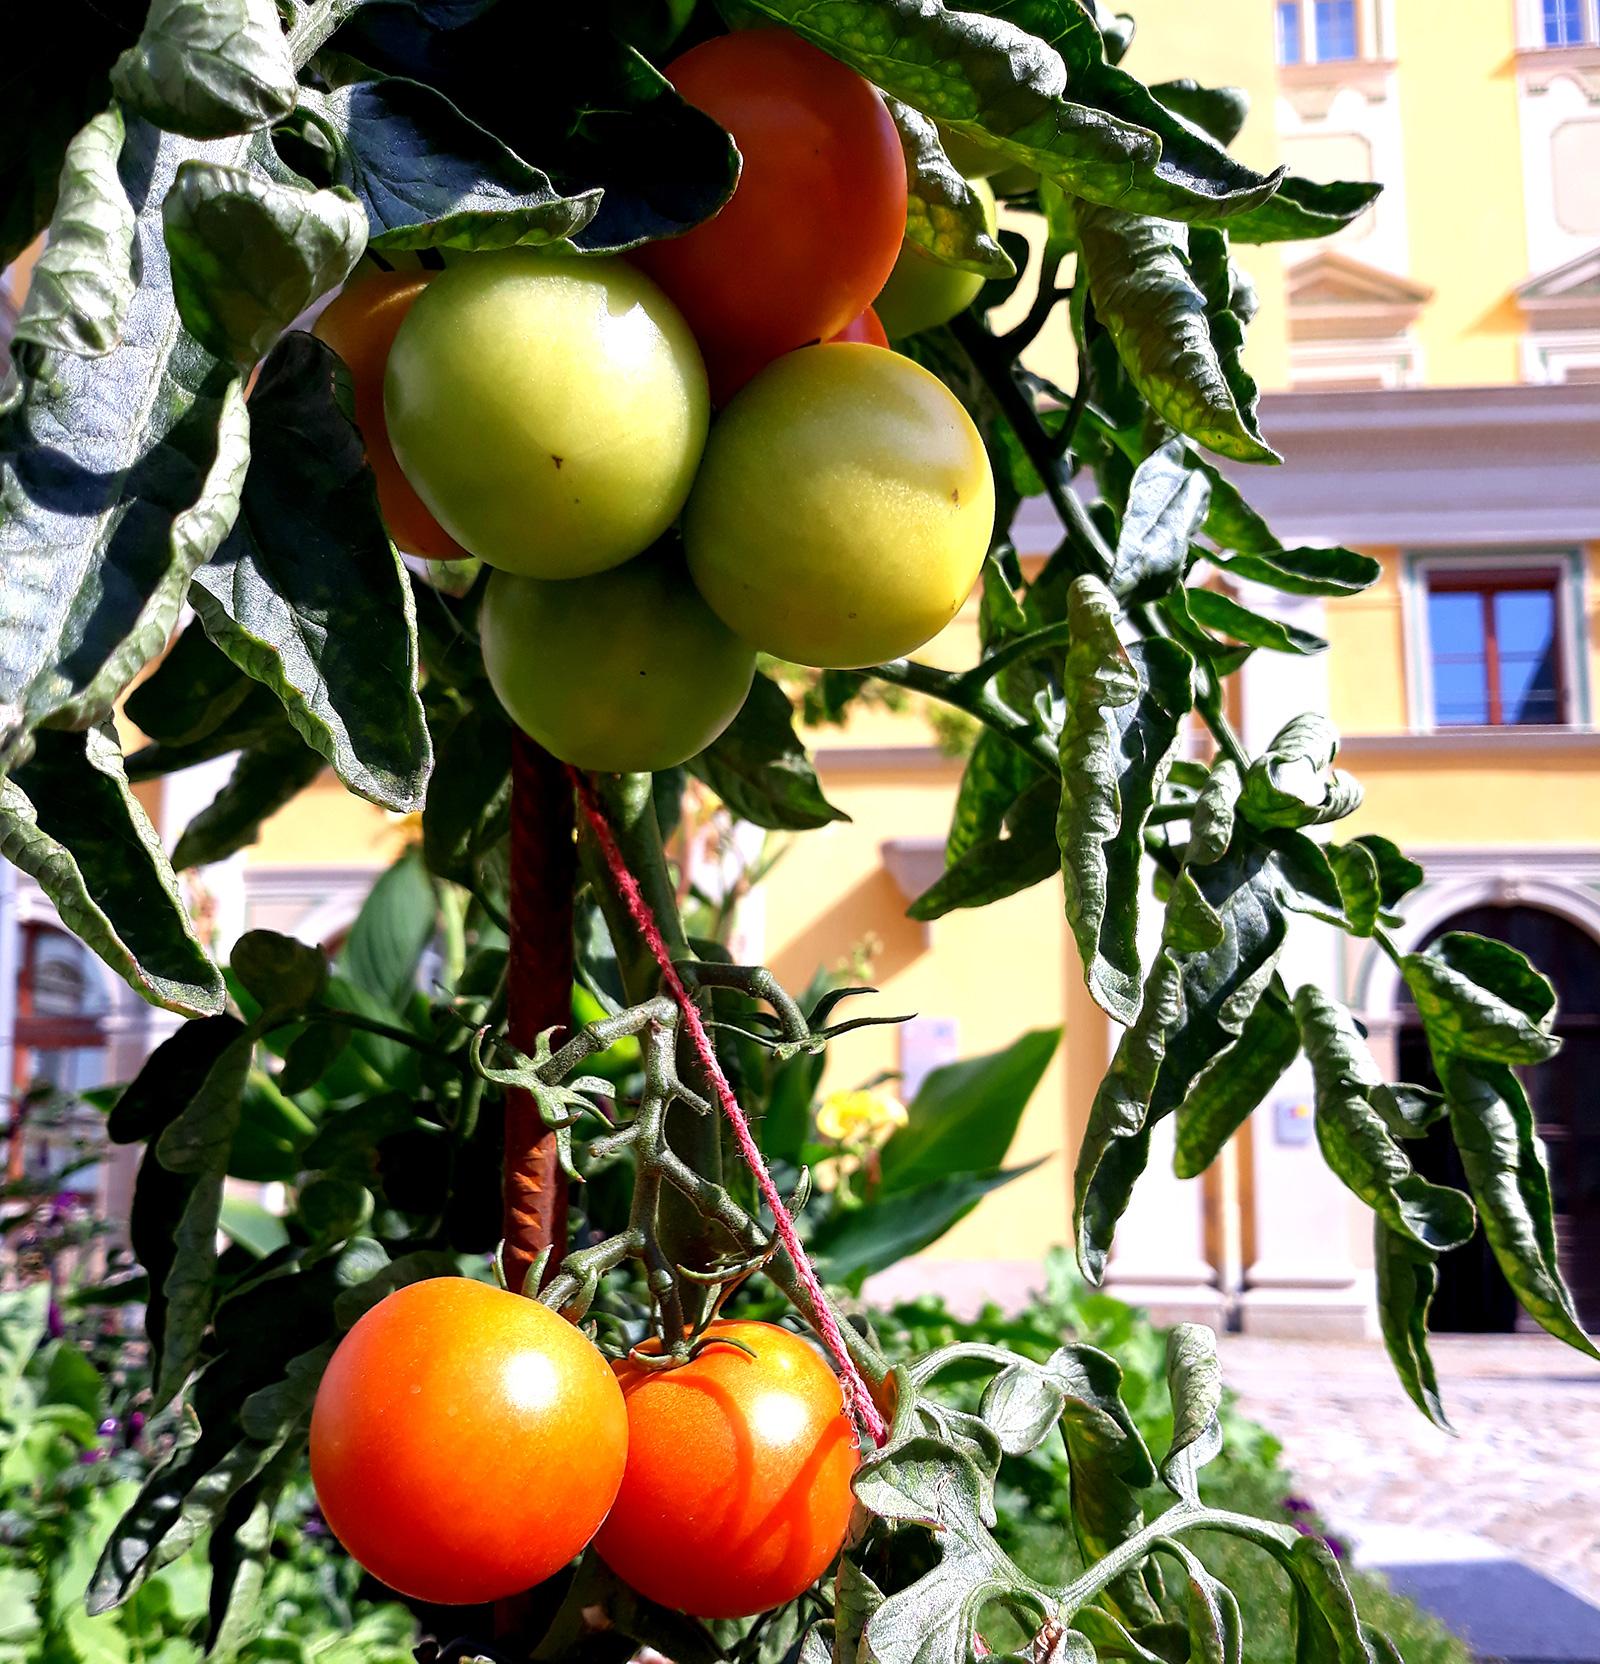 Tomtenpflanze mit zwei roten und zwei unreifen Tomaten im Hintergrund das Rathaus